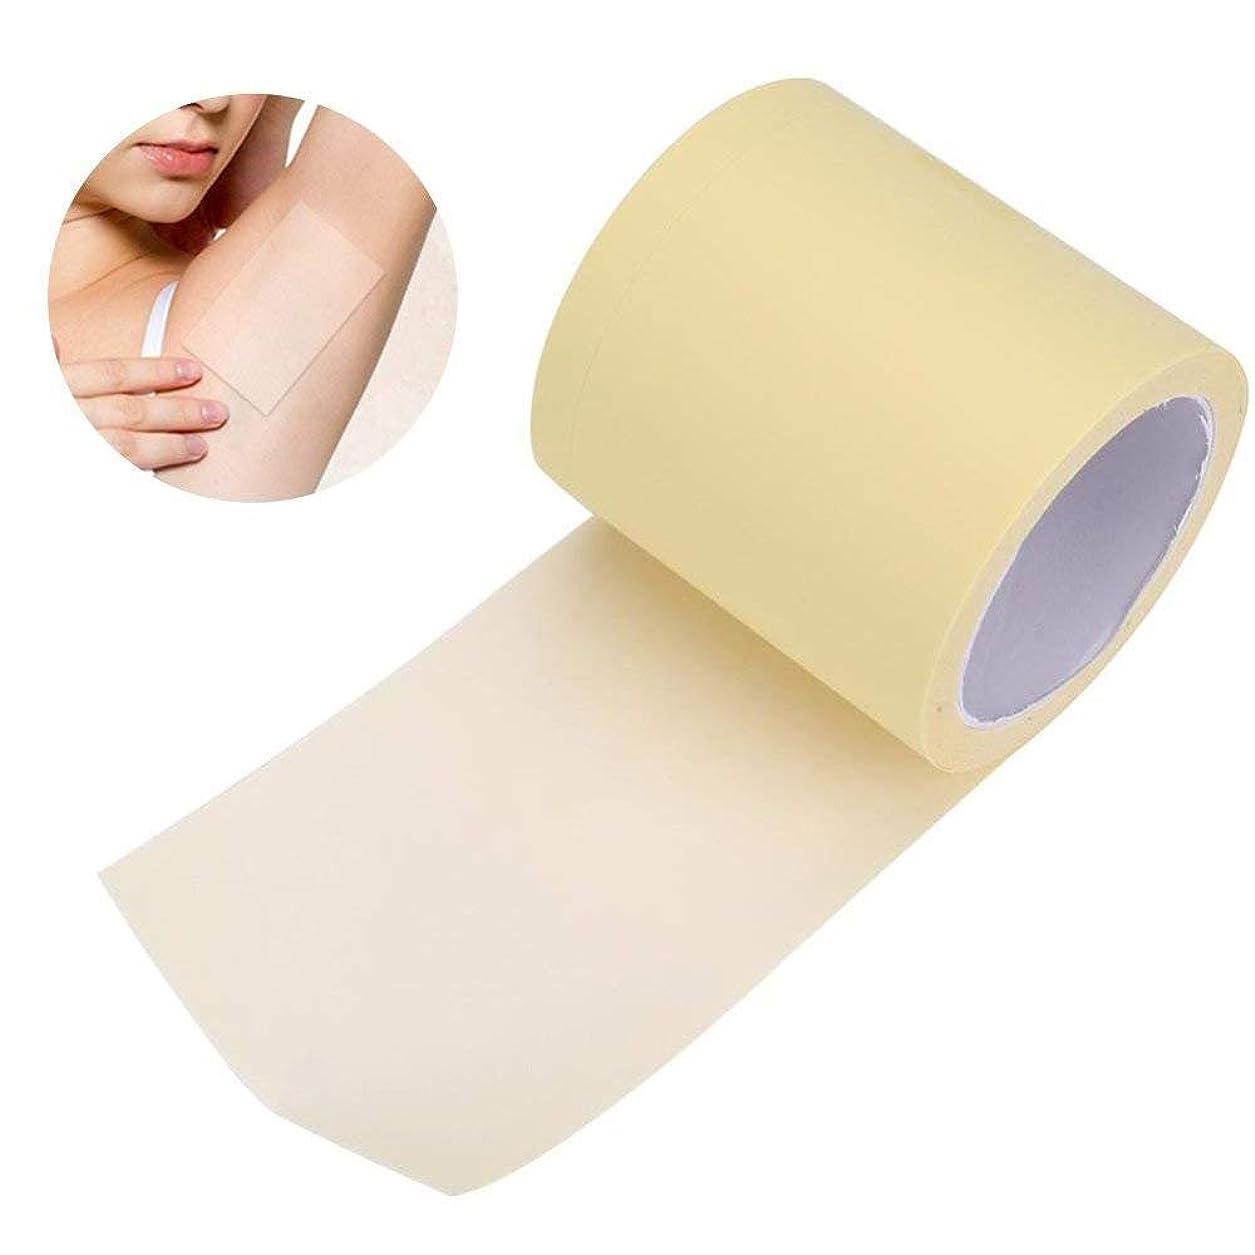 石化する上級噛むAomgsd 汗止めパッド 脇の下汗パッド 皮膚に優しい 脇の汗染み防止 抗菌加工 超薄型 透明 男性/女性対応 (タイプ1)